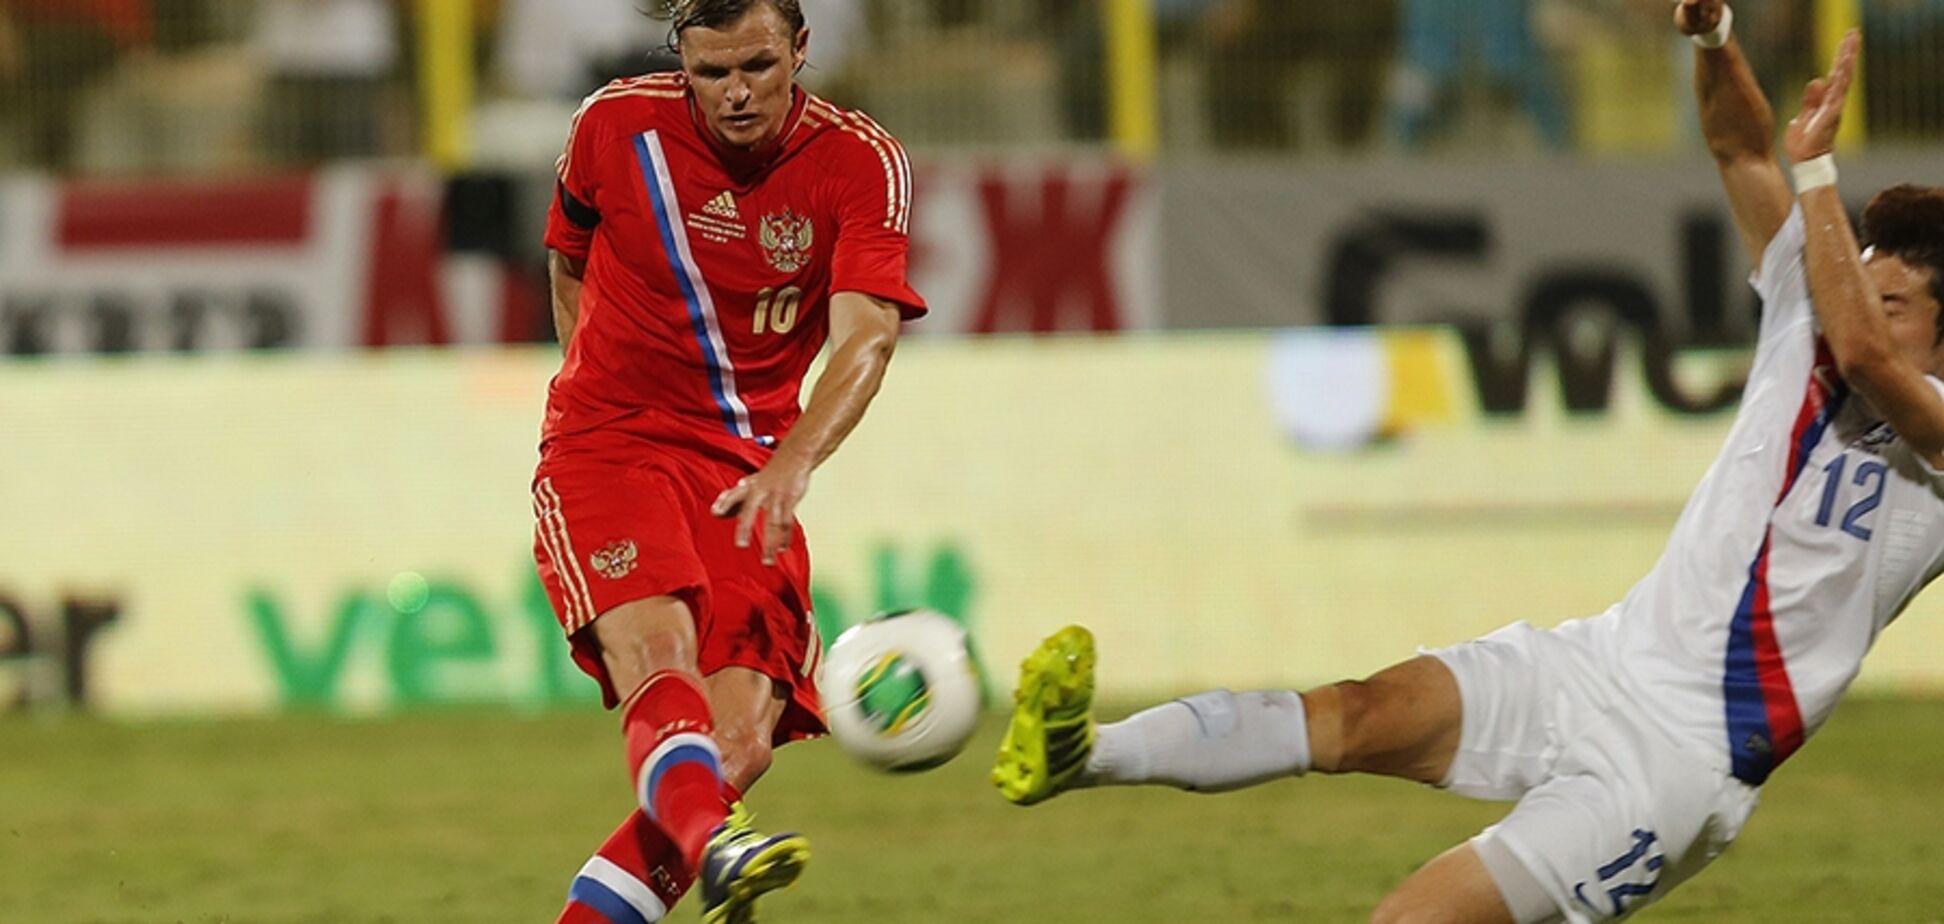 СМИ: футболист сборной России избил болельщика